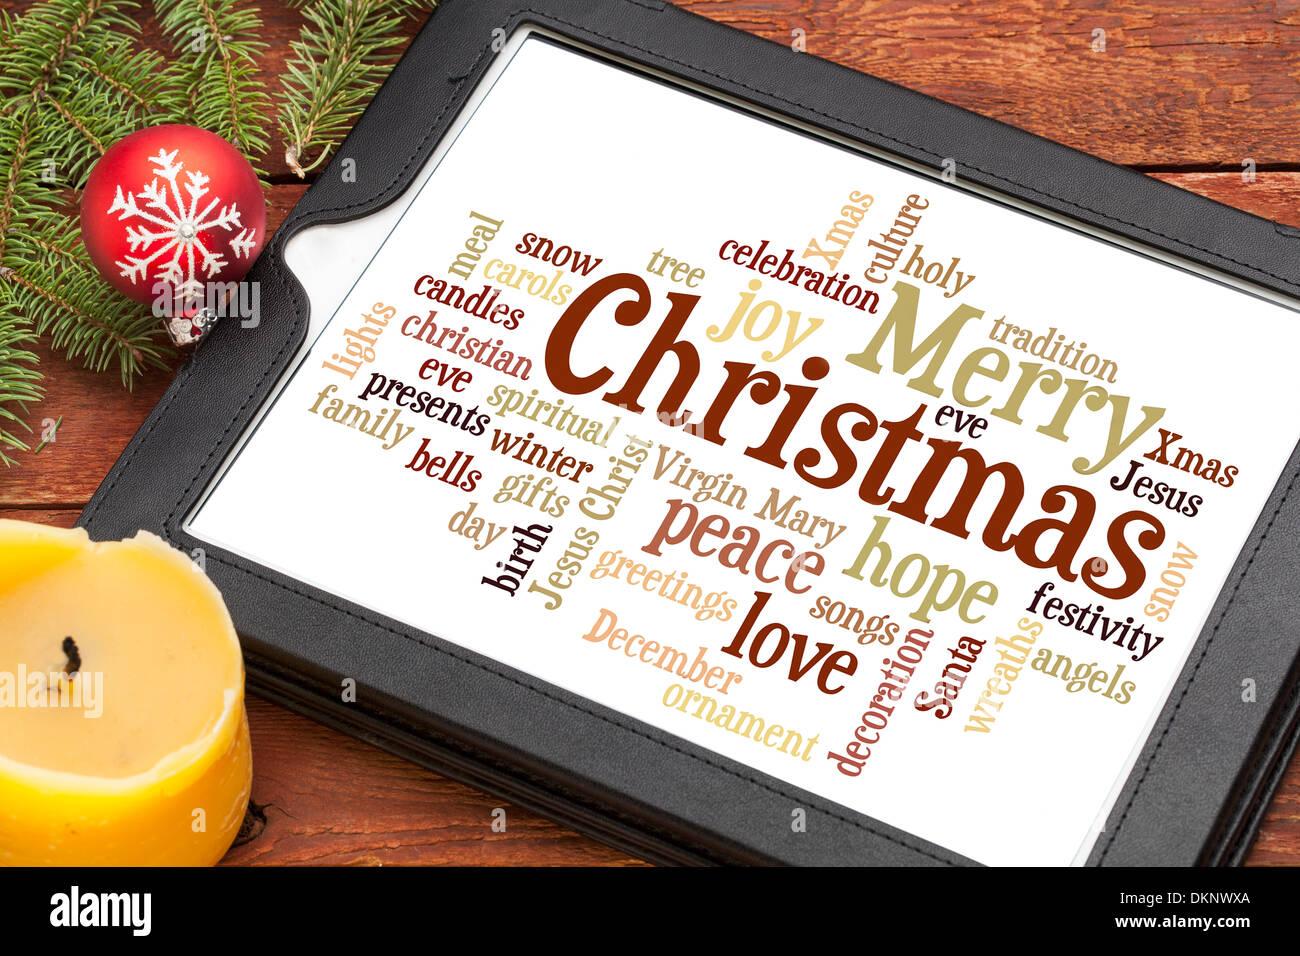 Wolke aus Worten oder Tags im Zusammenhang mit Weihnachten auf einem ...